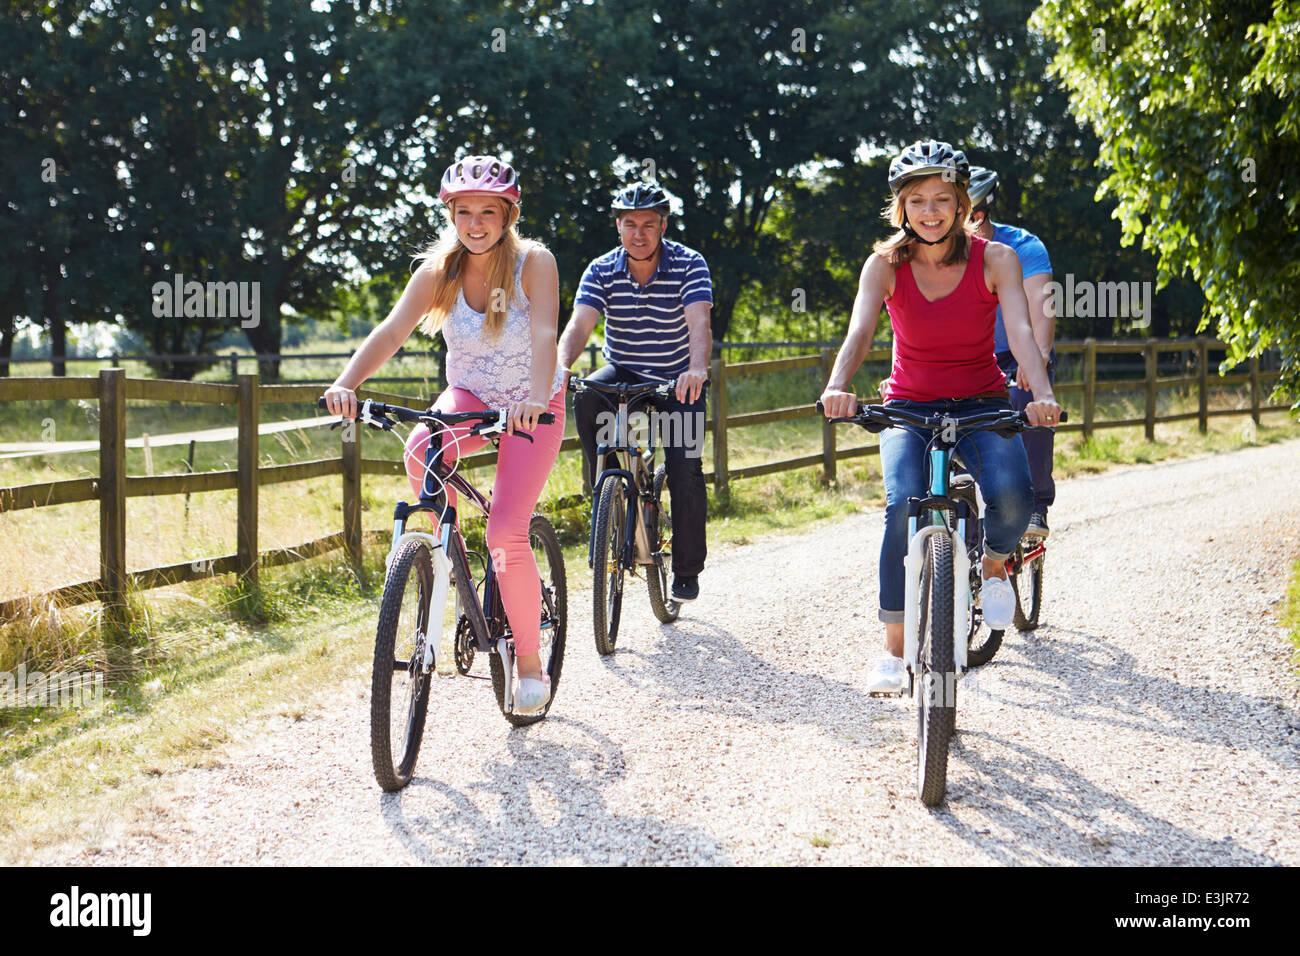 Famille avec adolescents sur Balade en vélo dans la campagne environnante Photo Stock